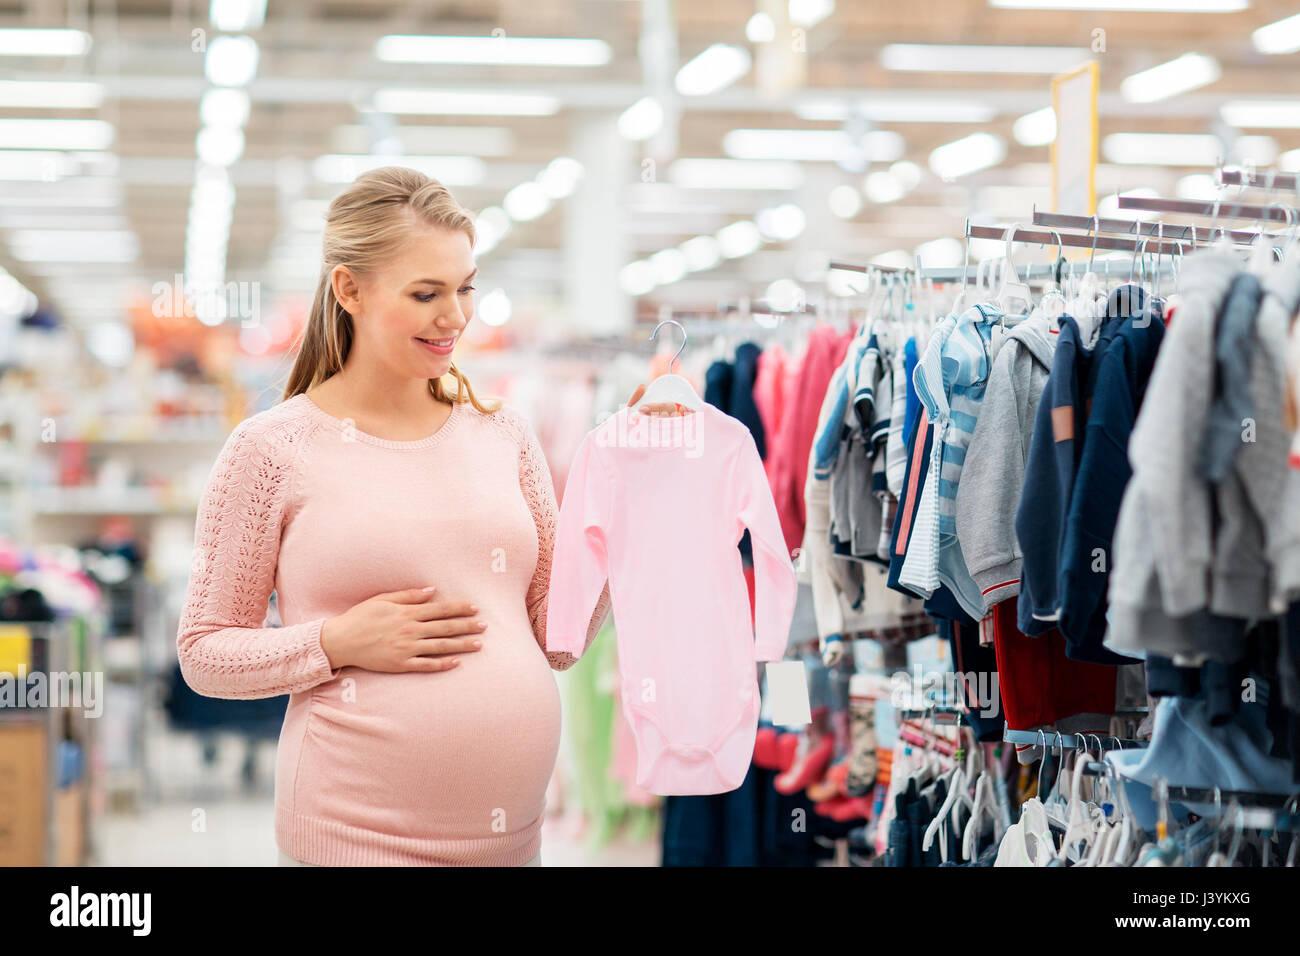 Donna incinta con vestiti del bambino al negozio di abbigliamento Immagini  Stock 09dccf3c09d